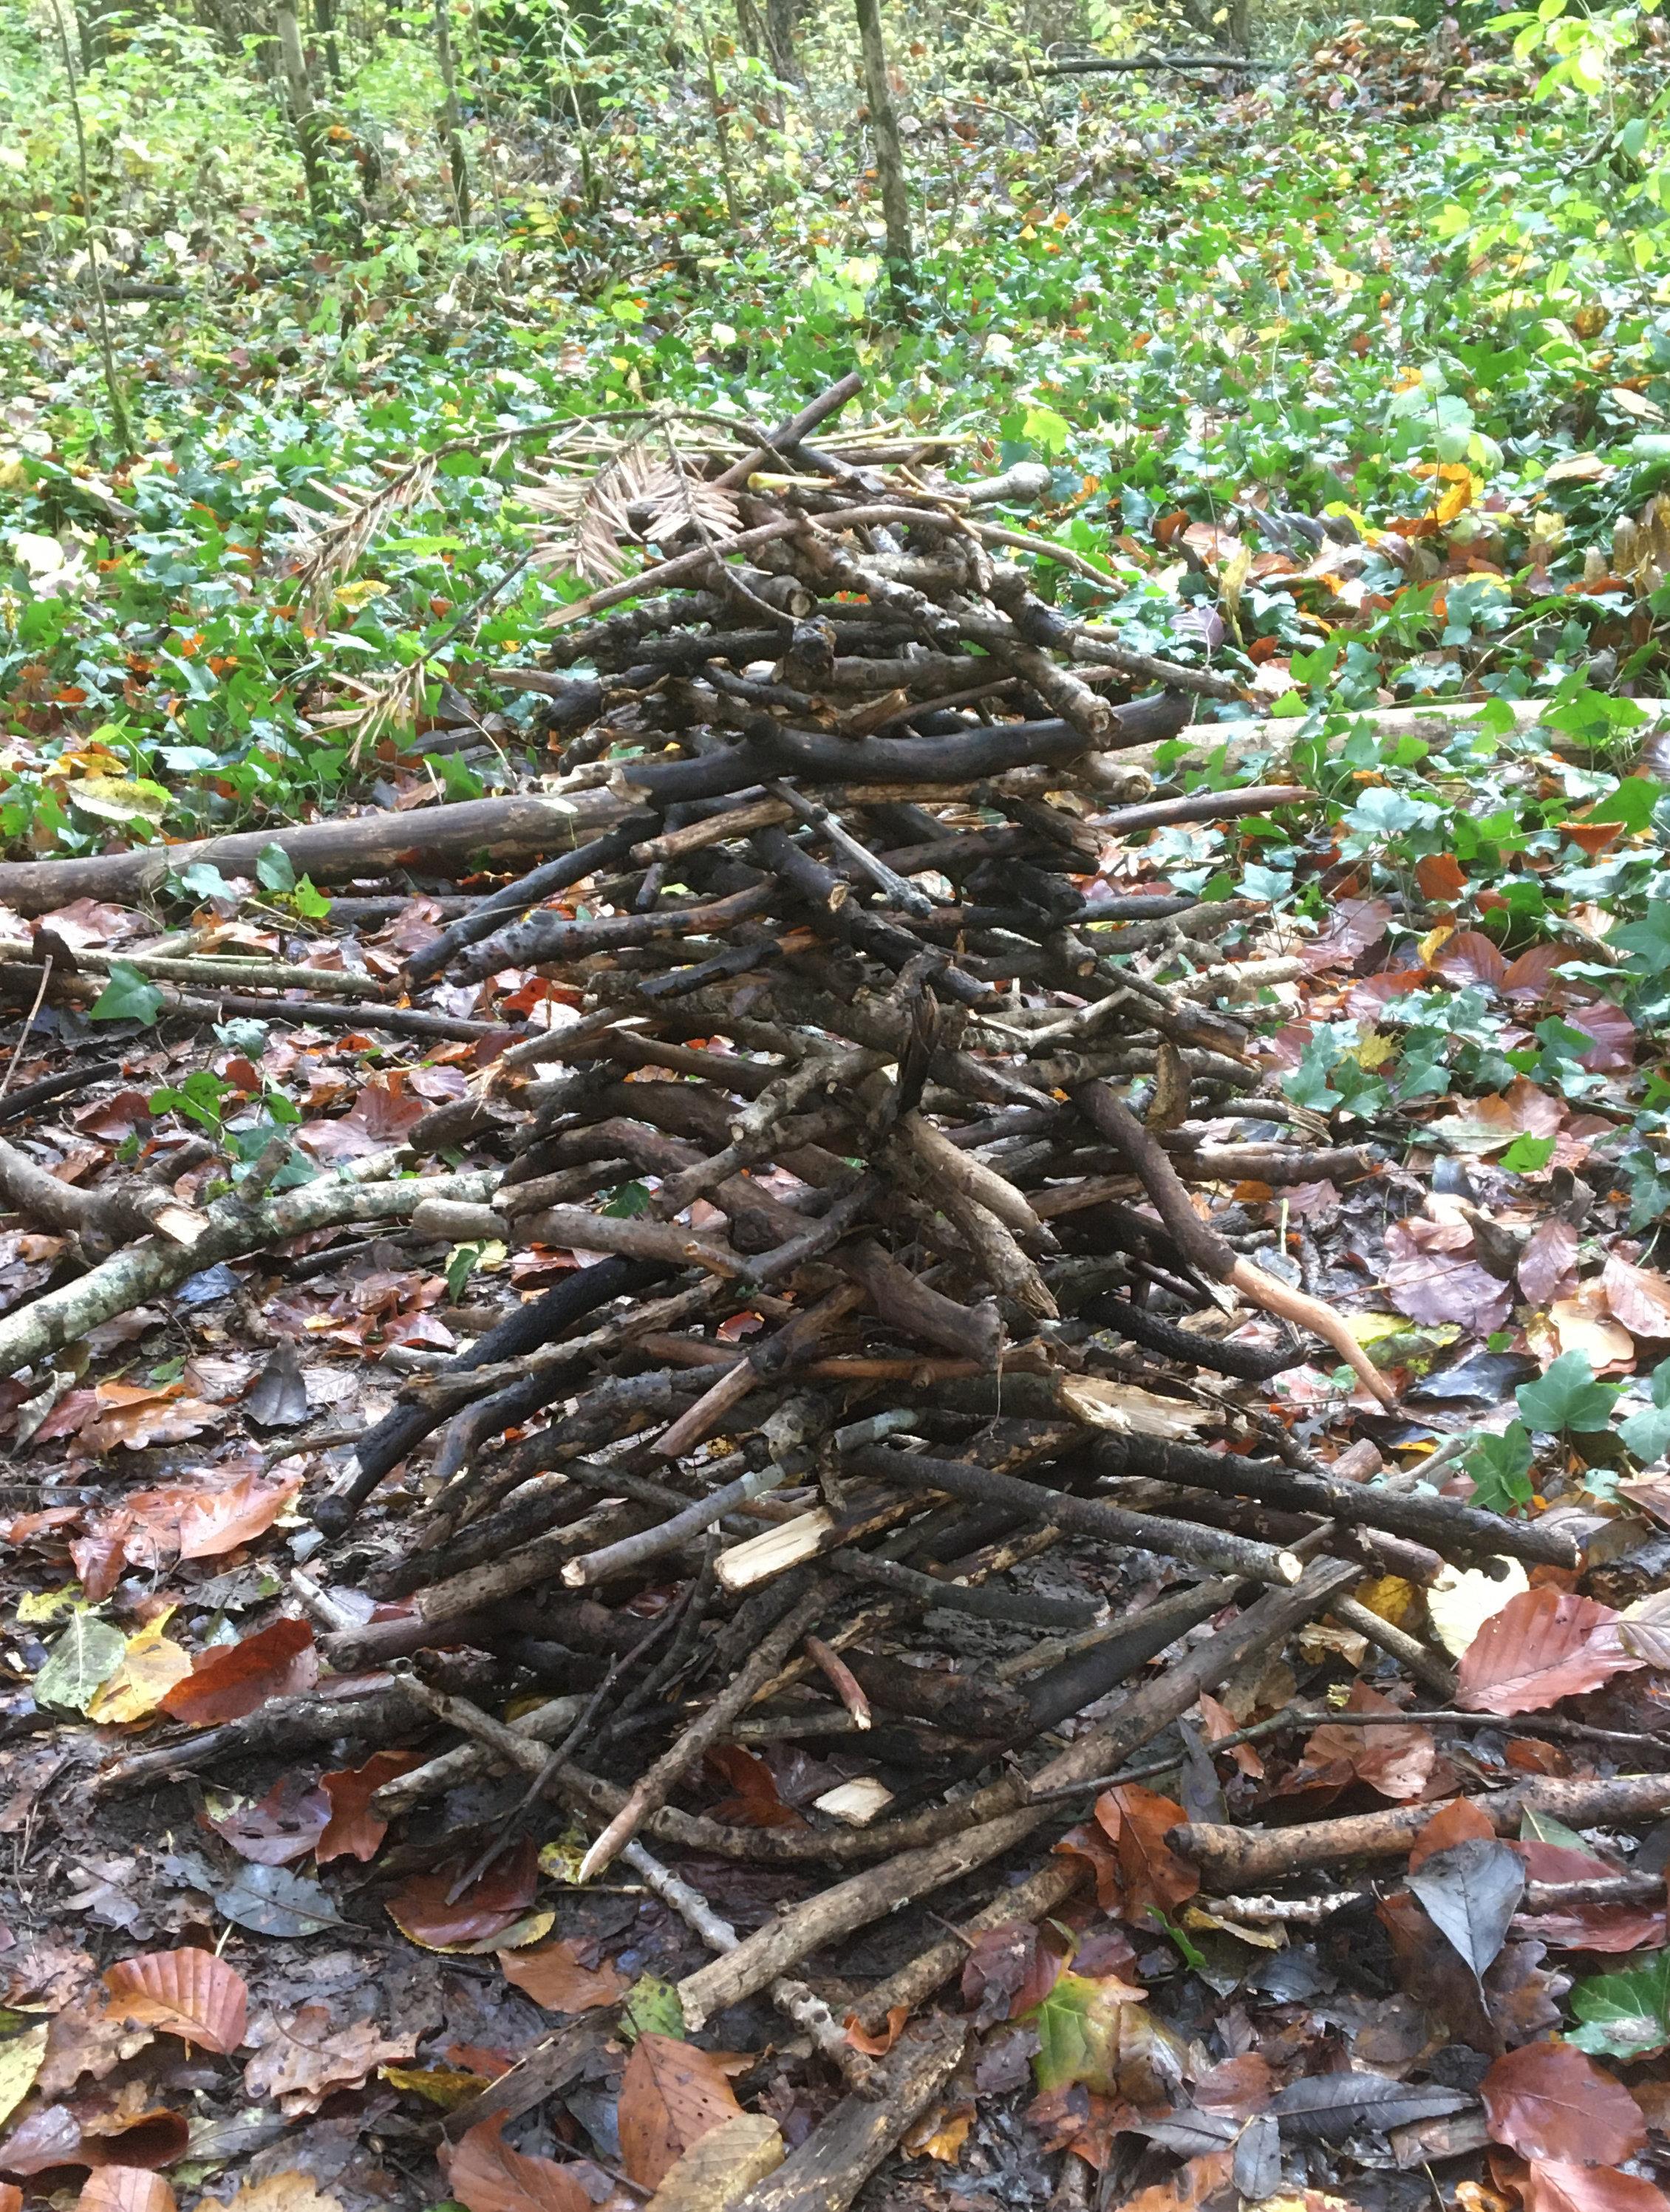 Hier ist Geduld und Konzentrations gefordert, bei dem Wald-Kappla aus Ästen und Stöcken entsteht ein Turm